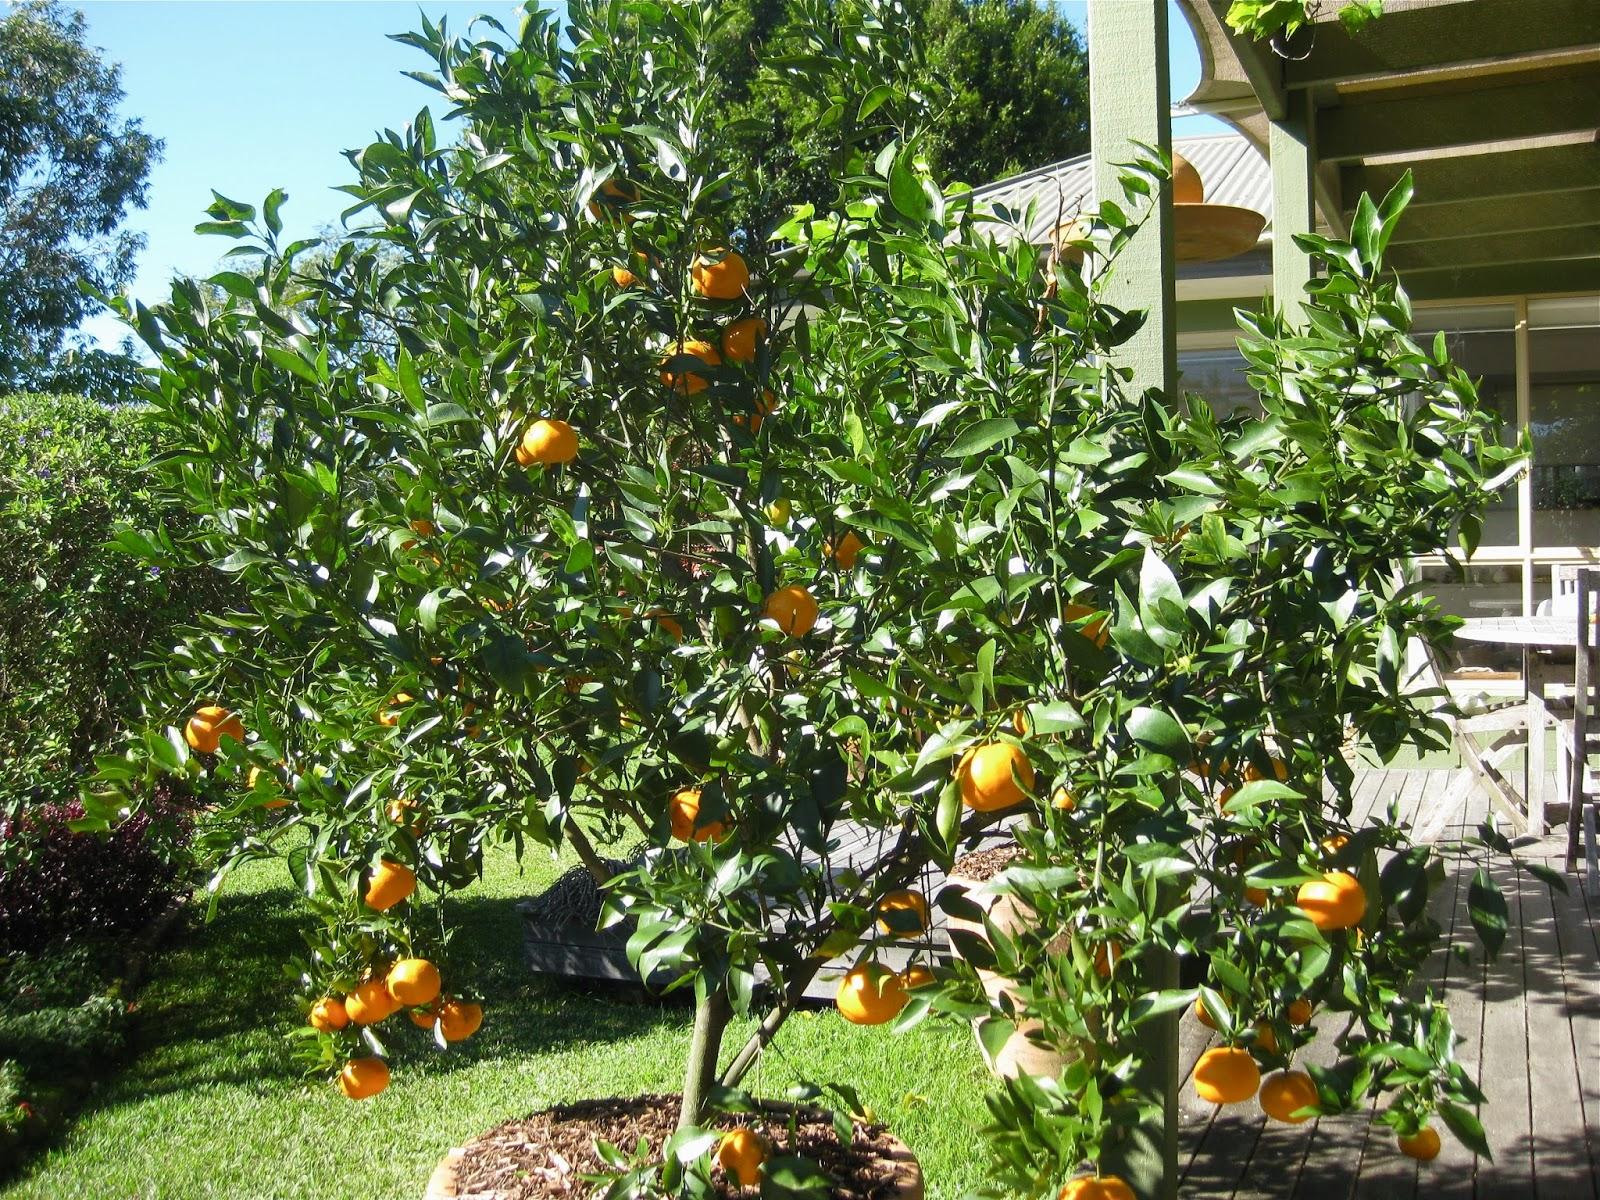 feeding fruit trees in pots